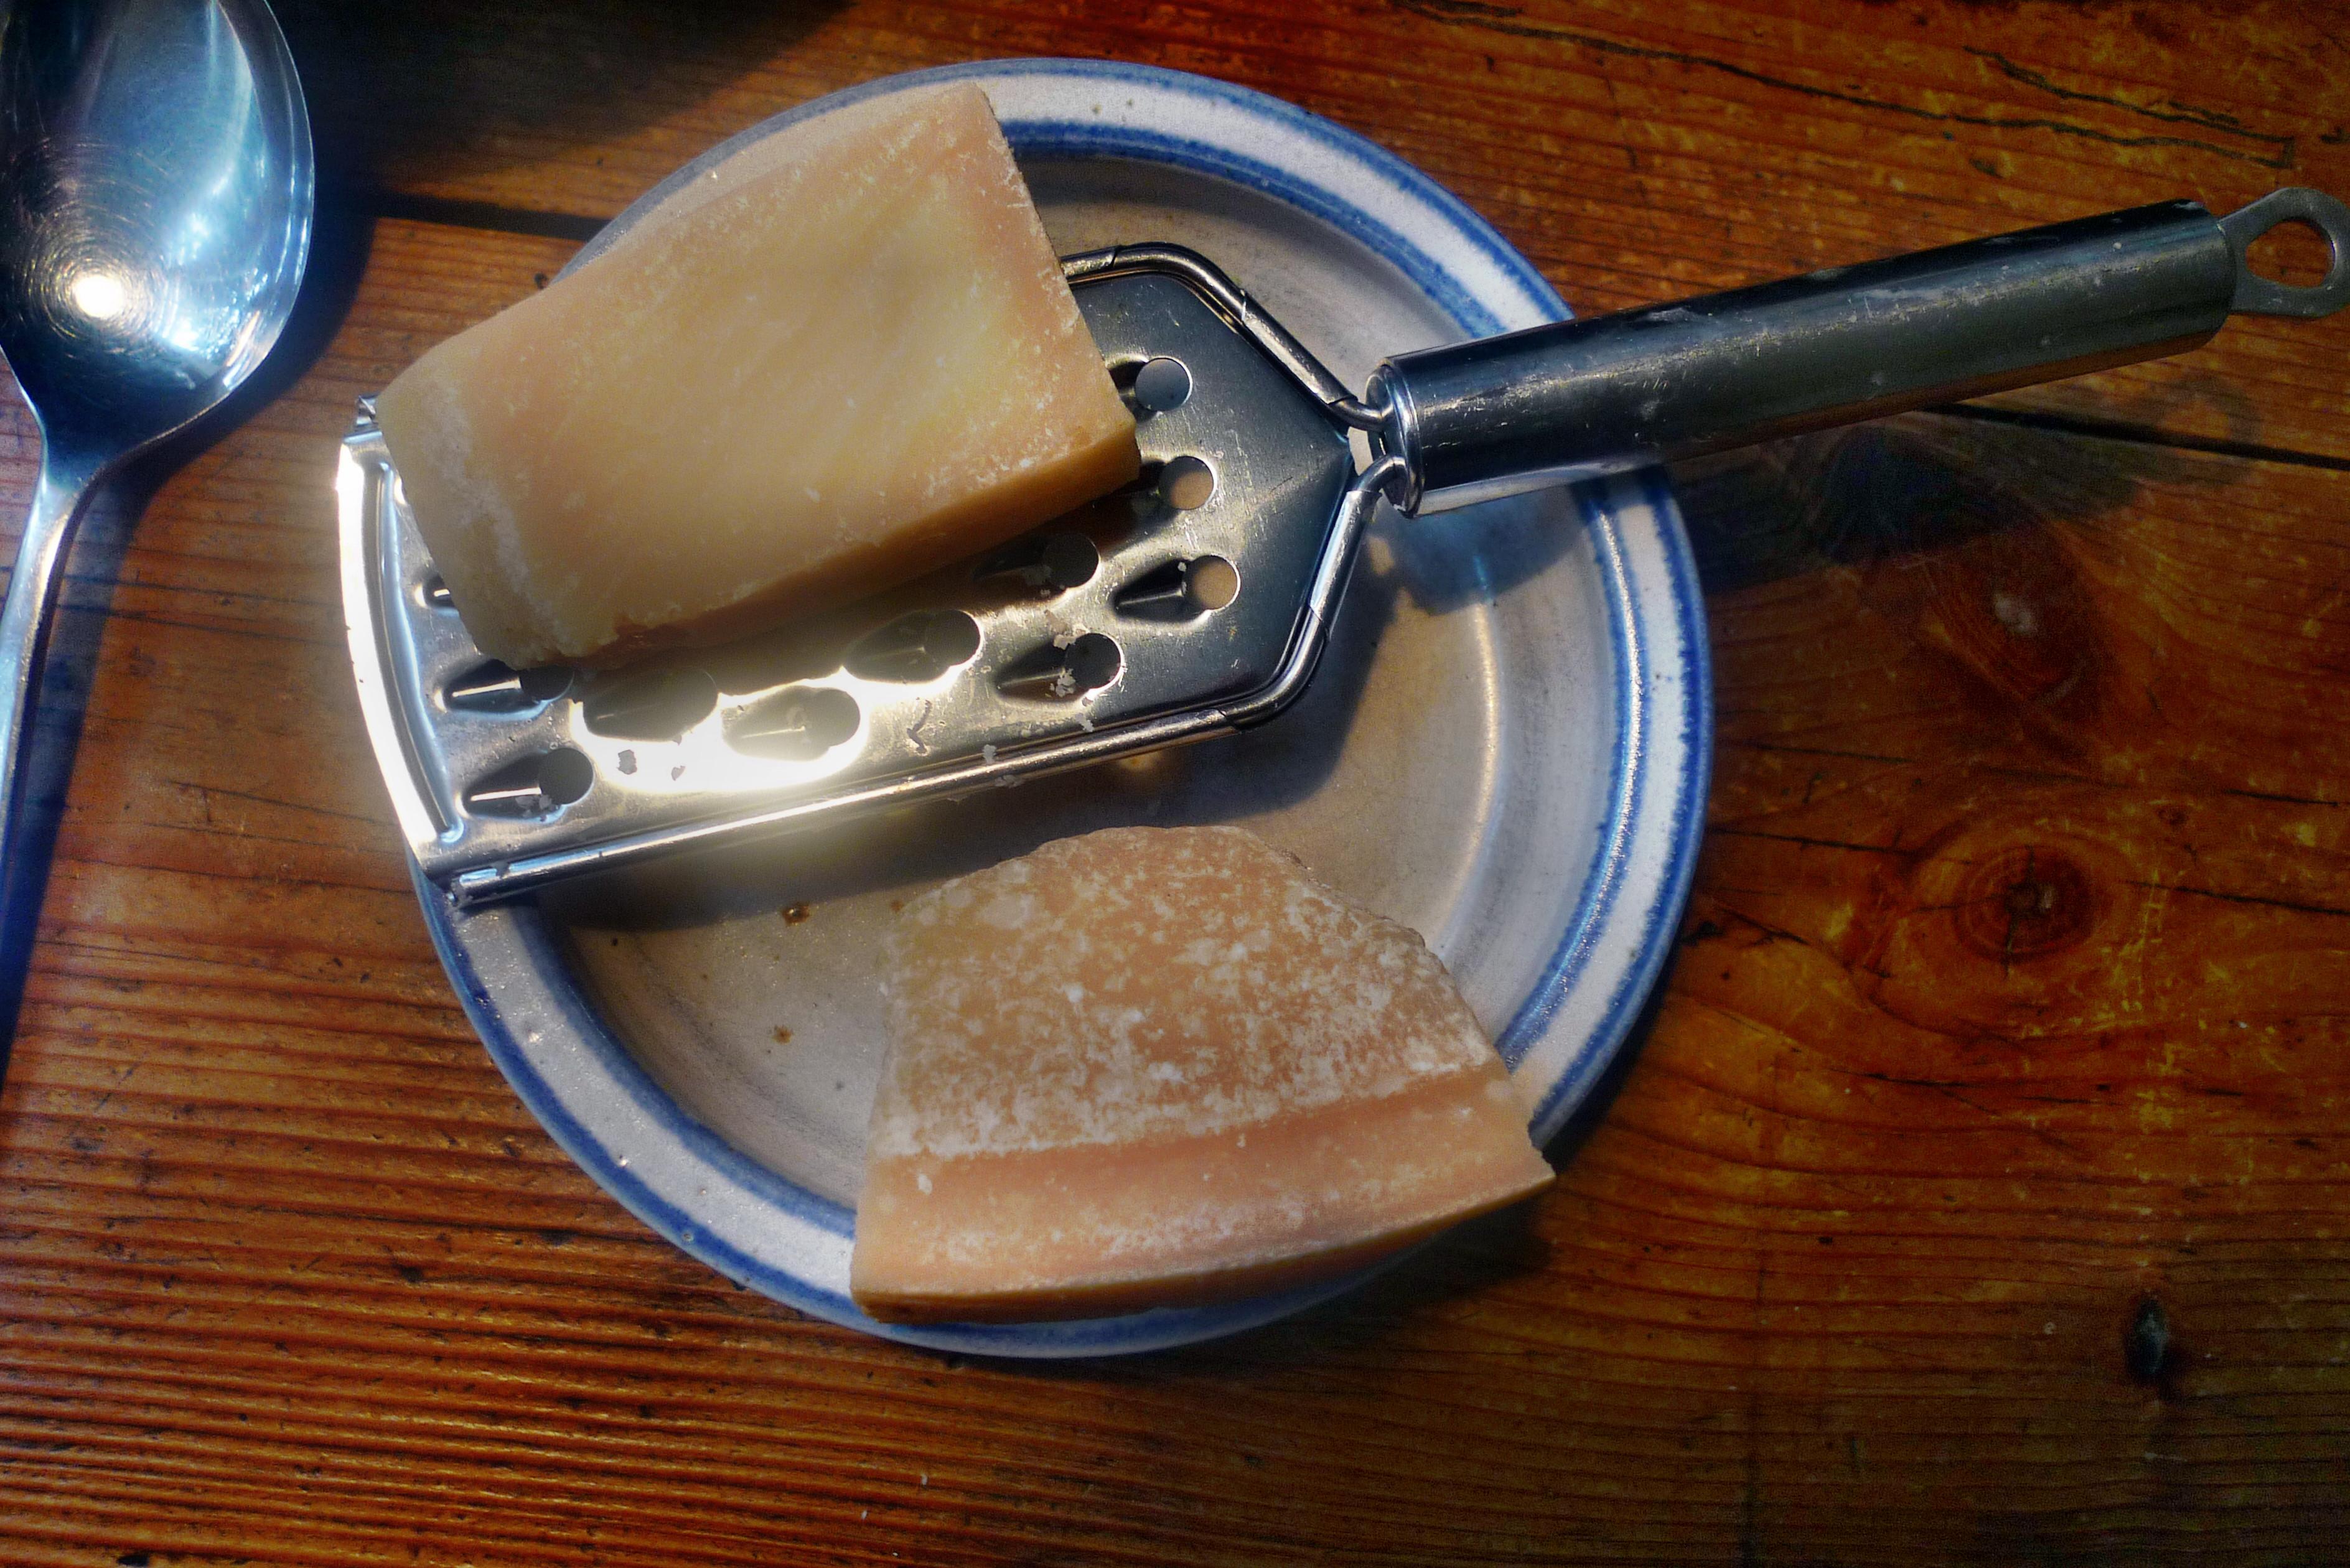 Spinat mit Nudeln-Apfel im Schlafrock -25.10.14   (16b) (2)